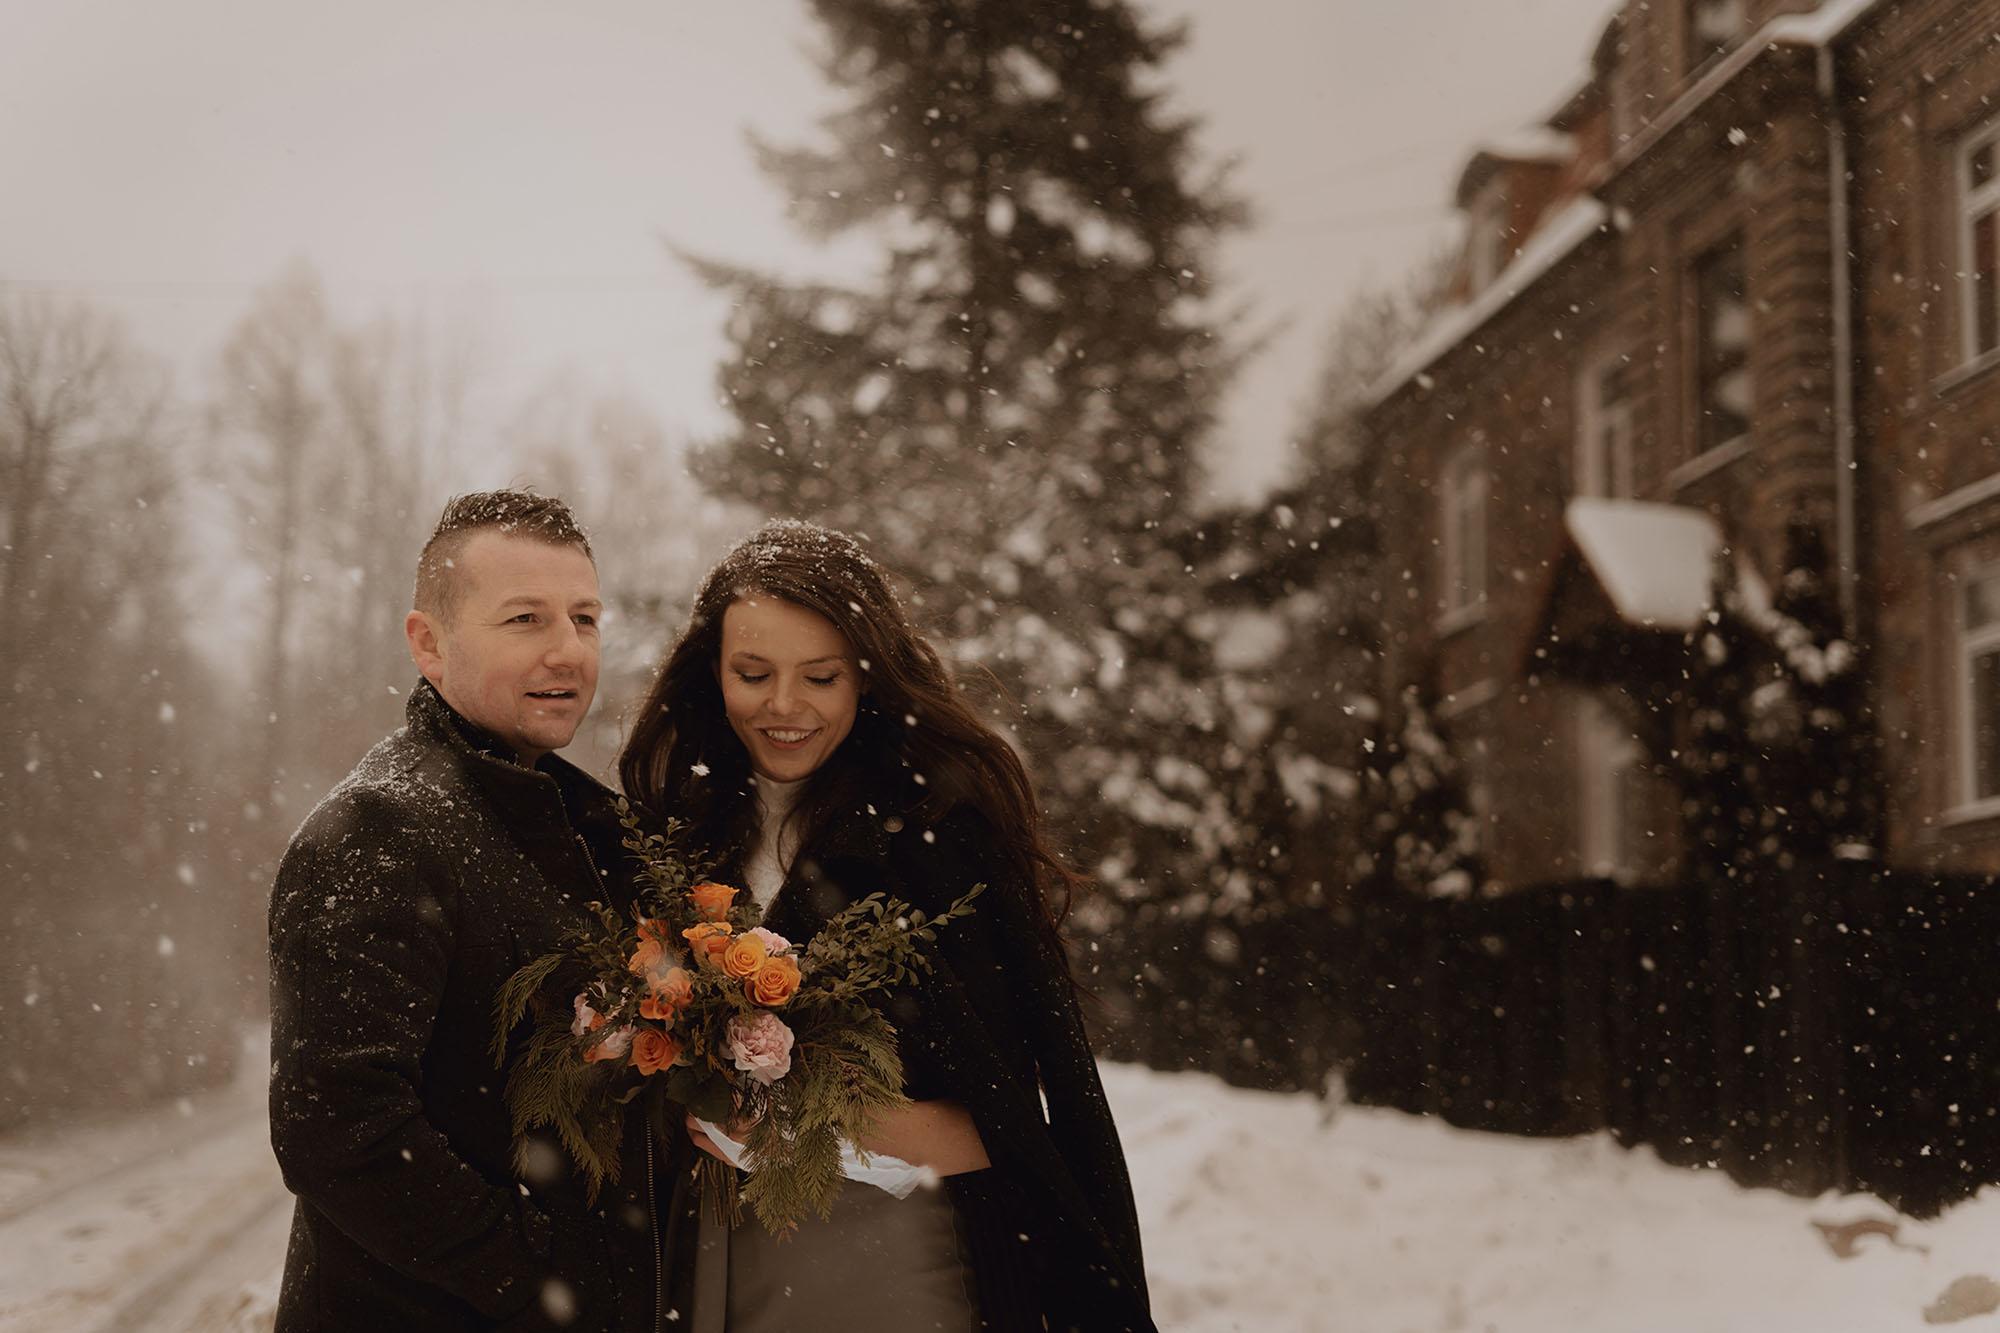 zimowa sesja dla pary00005 - Miłość